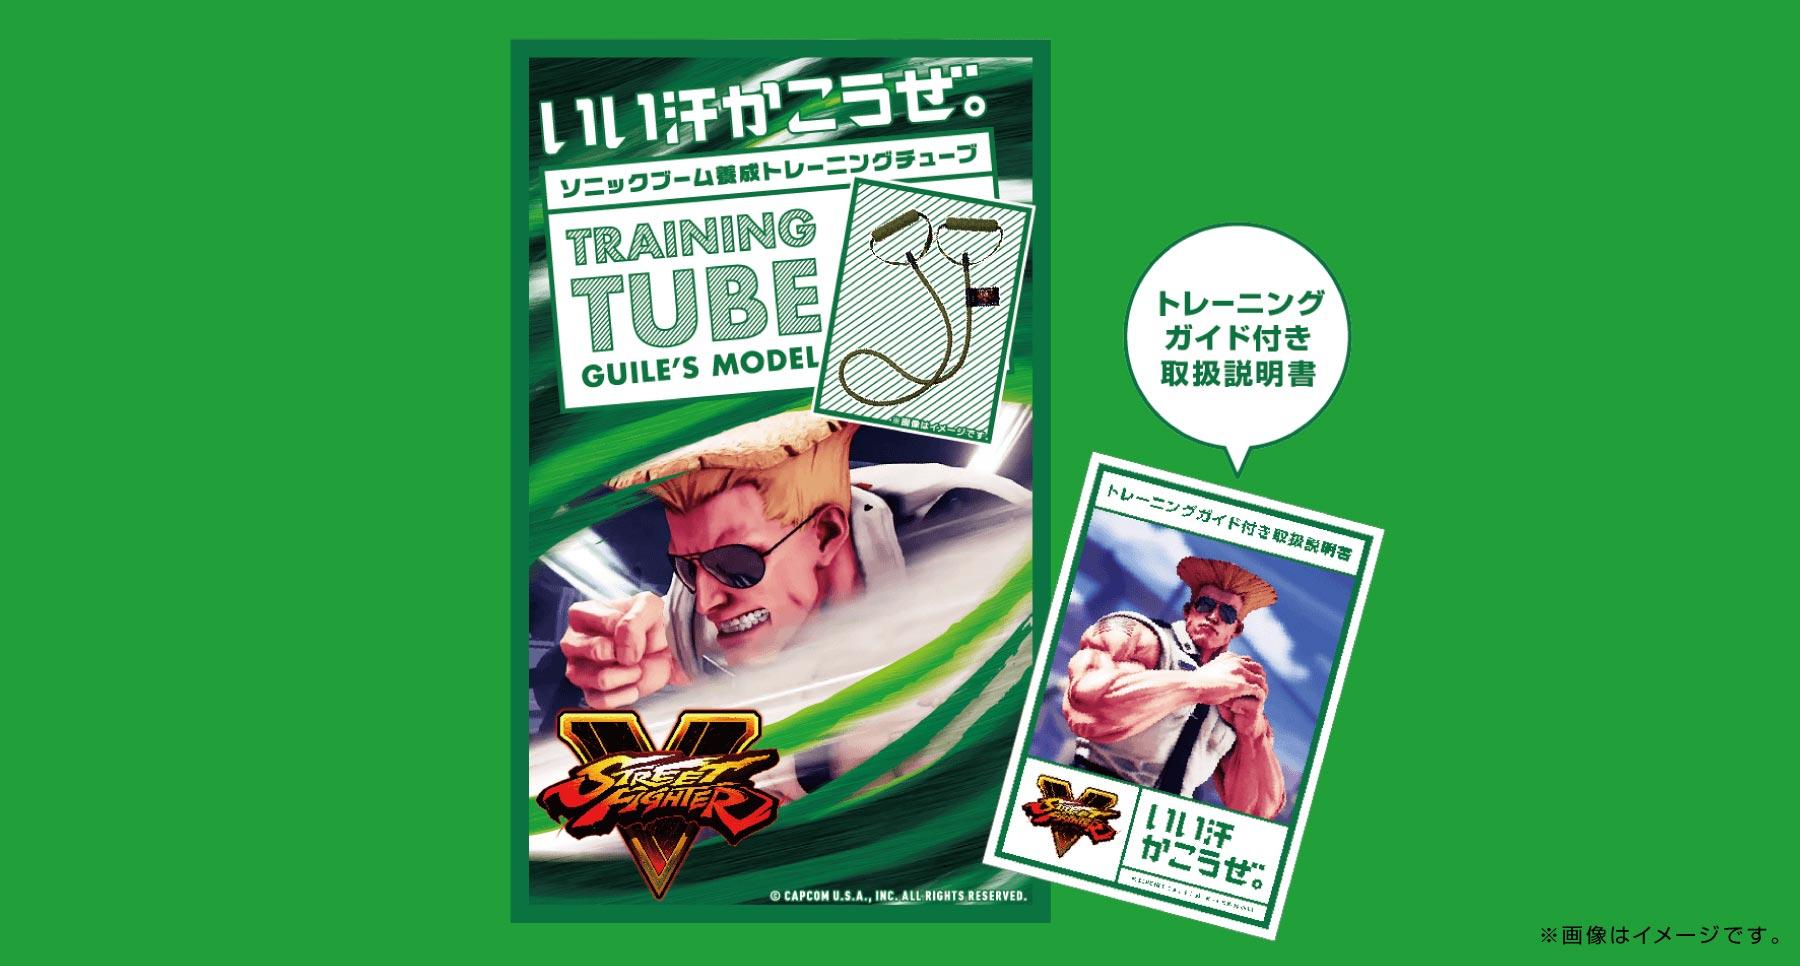 ストリートファイターV 筋トレグッズ スライドイメージ02